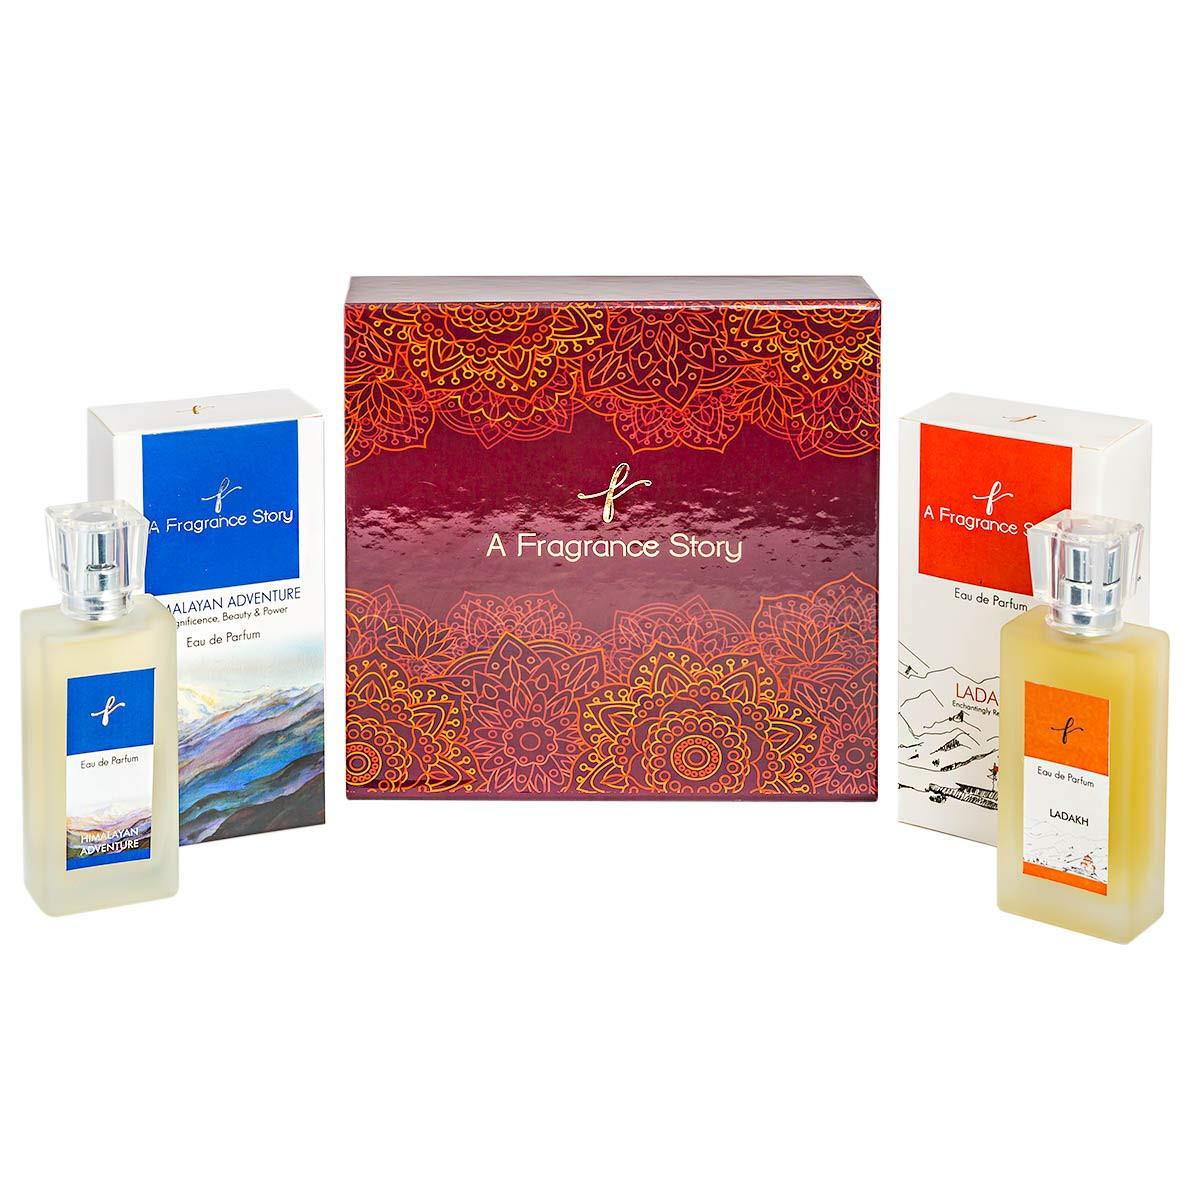 A Fragrance Story Combo Pack Set of Eau De Parfum Himalayan Adventure, 50 Ml & Ladakh Eau De Parfum For Unisex - 50 Ml Gift Box